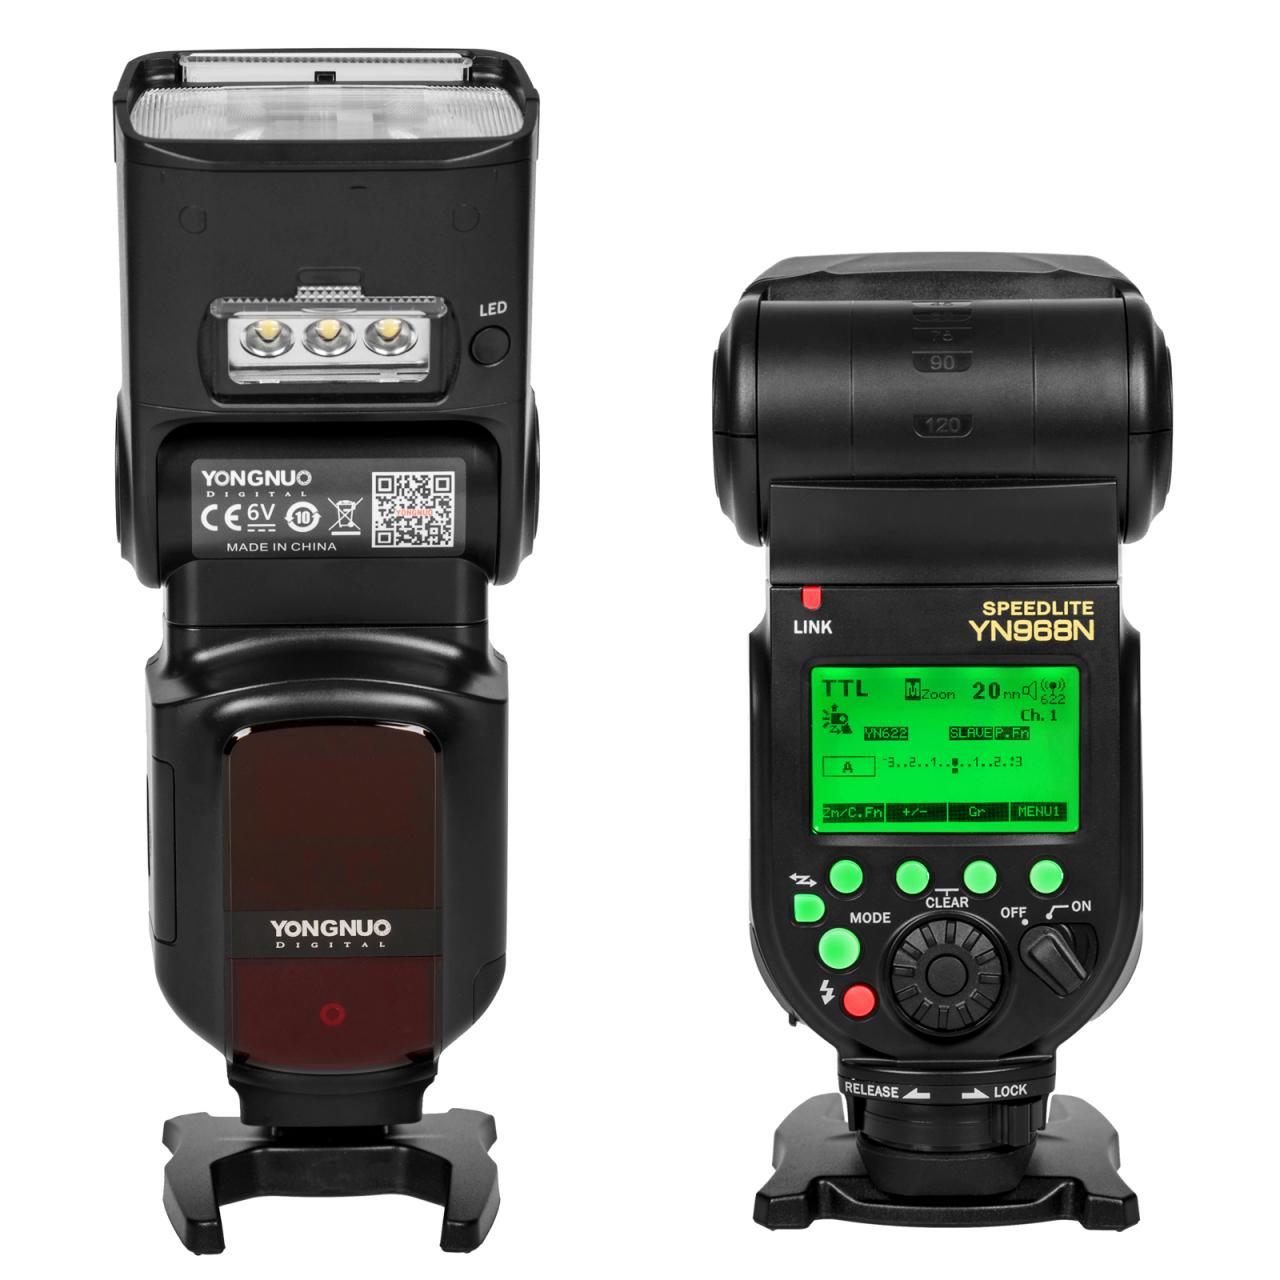 Externí systémový blesk s LED přisvícením YONGNUO YN968N Nikon, GN60